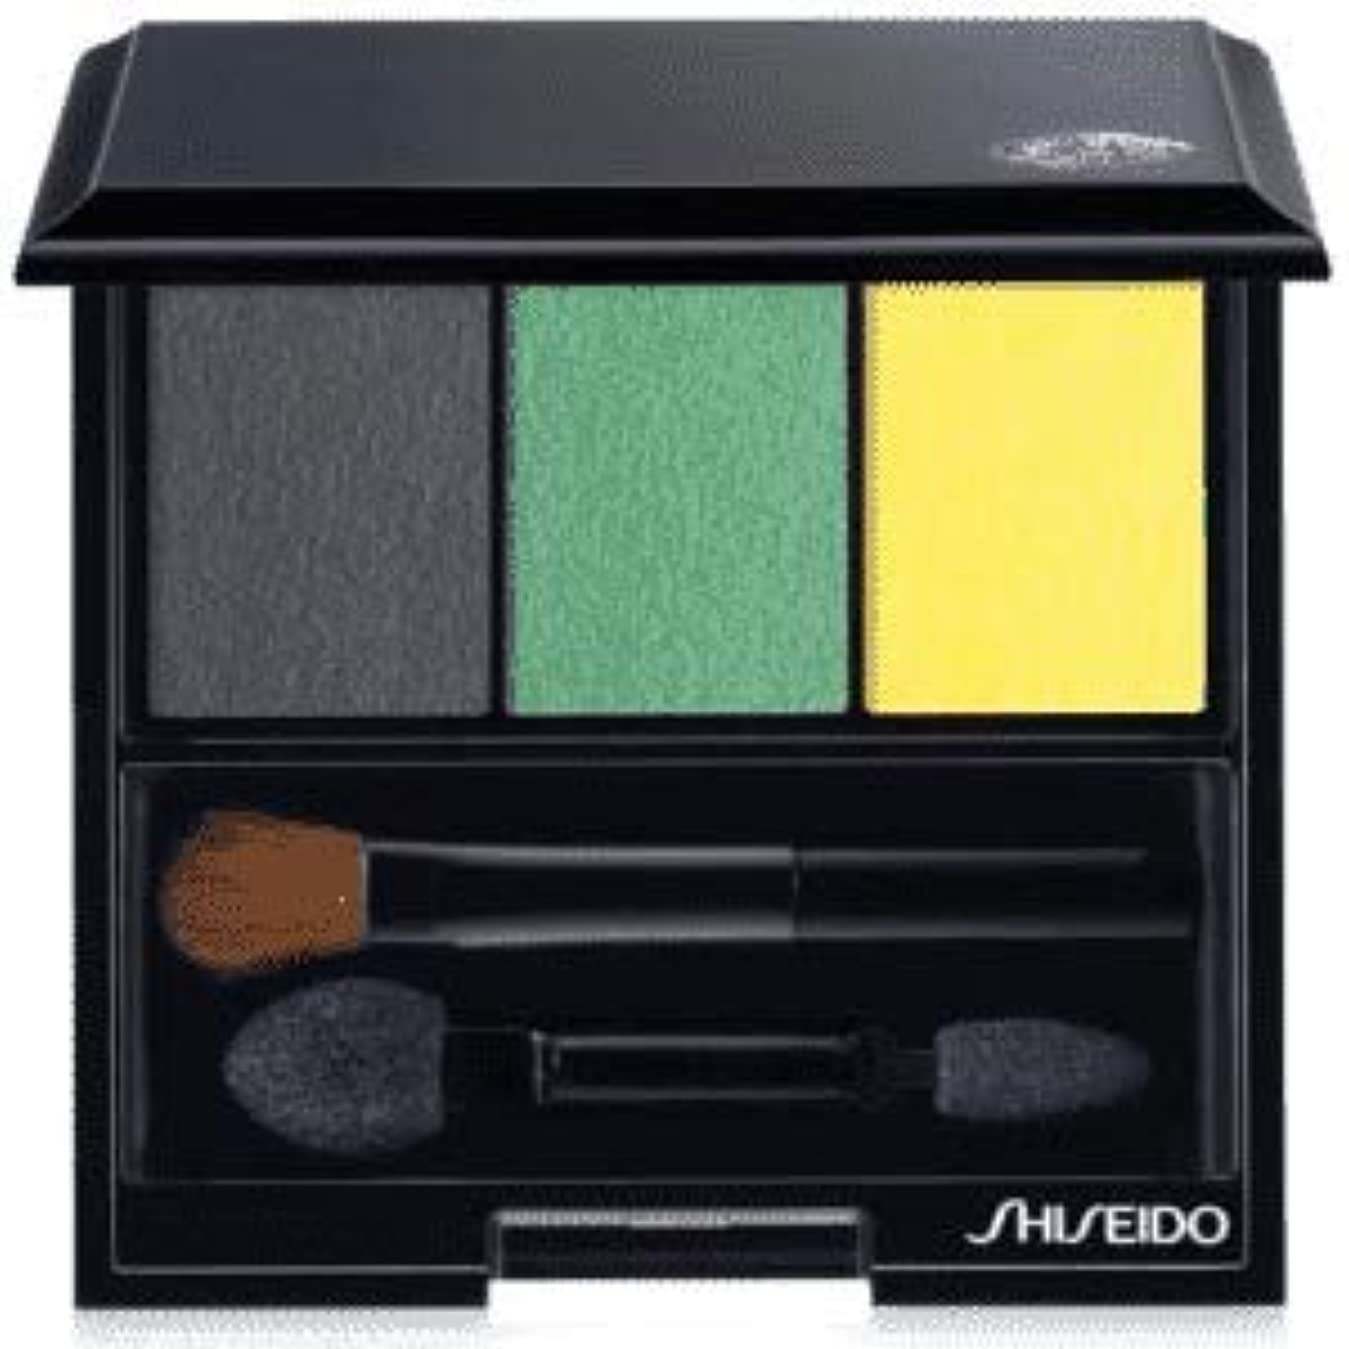 関係する防ぐいつか資生堂 ルミナイジング サテン アイカラー トリオ GR716(Shiseido Luminizing Satin Eye Color Trio GR716) [並行輸入品]